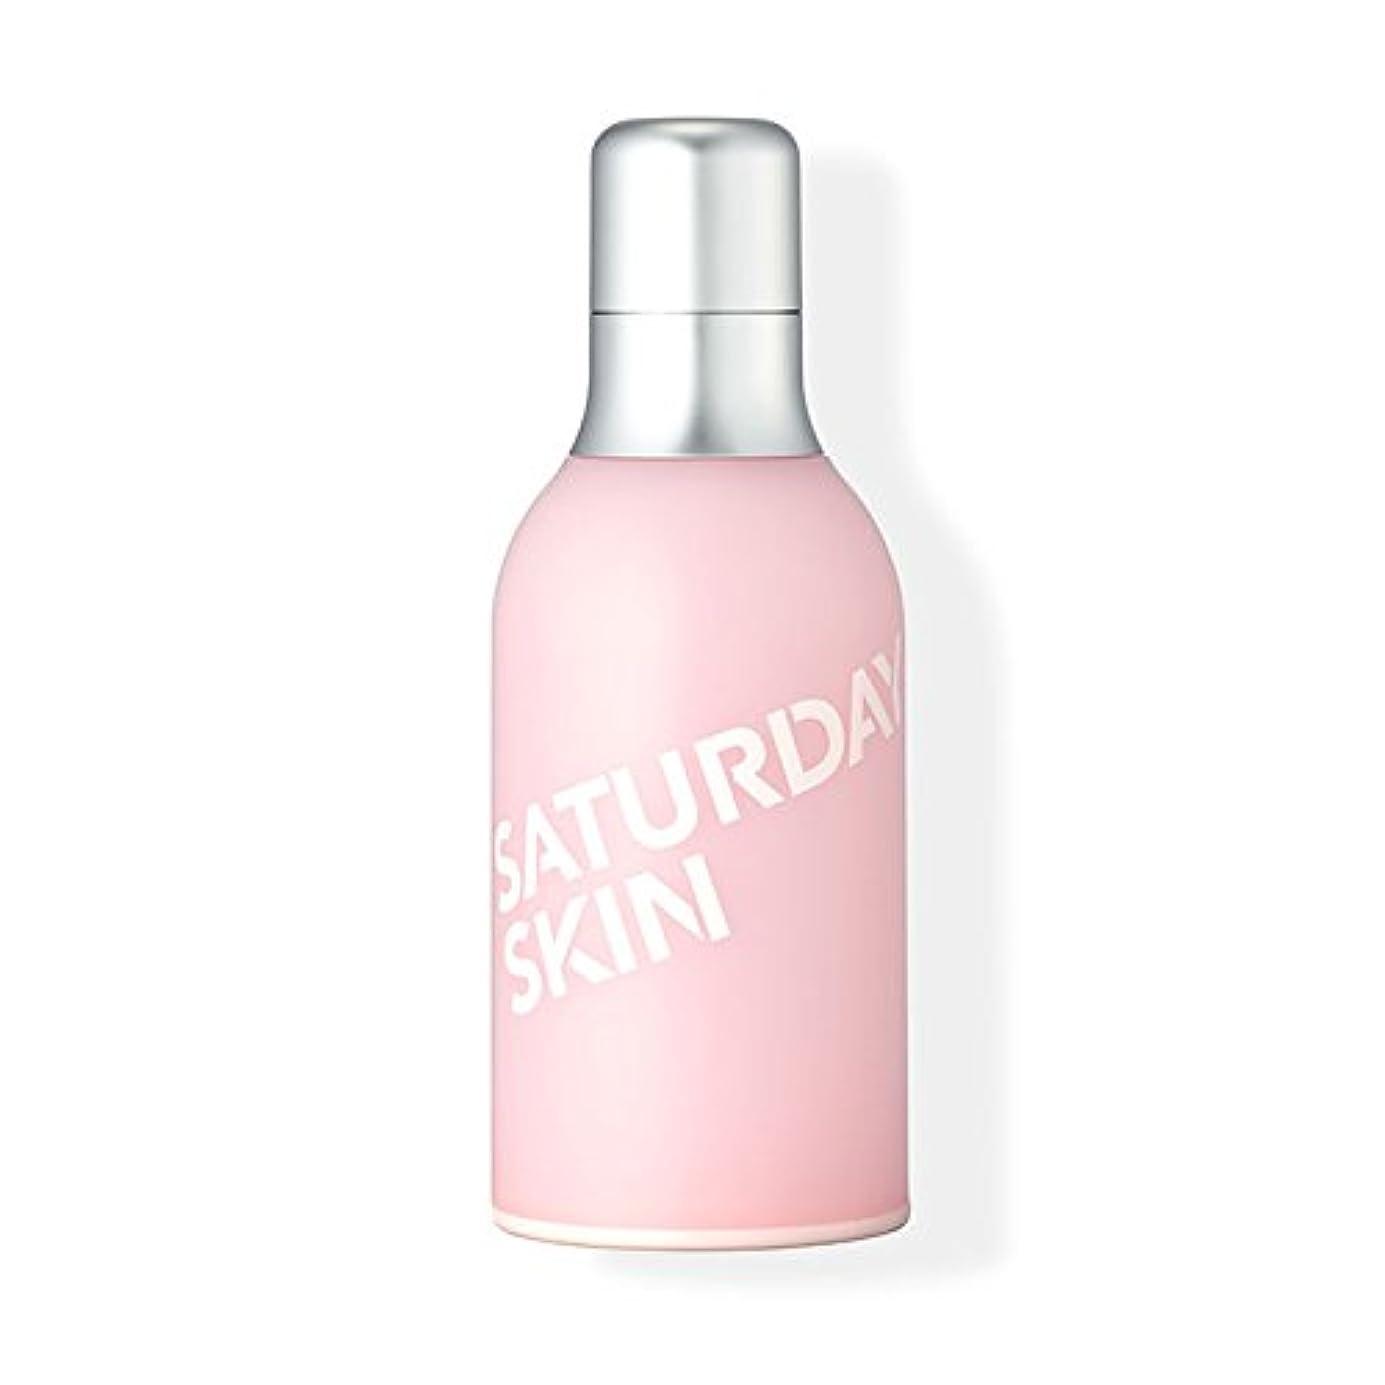 理解結婚ルーム韓国コスメ Saturday skin サタデースキン ハイドレーティングエッセンスミスト(化粧水/フェイスミスト) 130ml